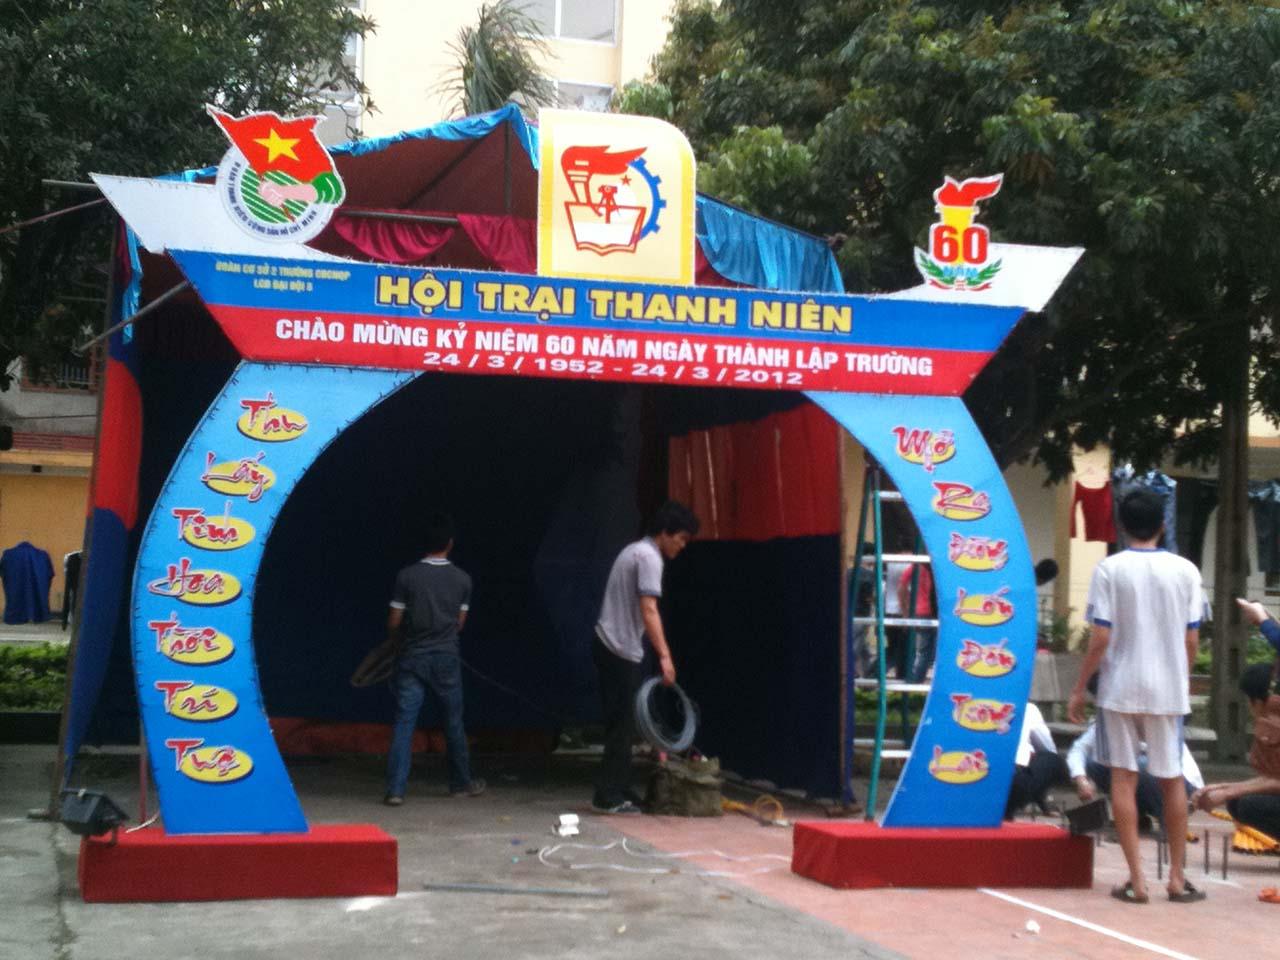 Hình ảnh cổng trại thanh niên